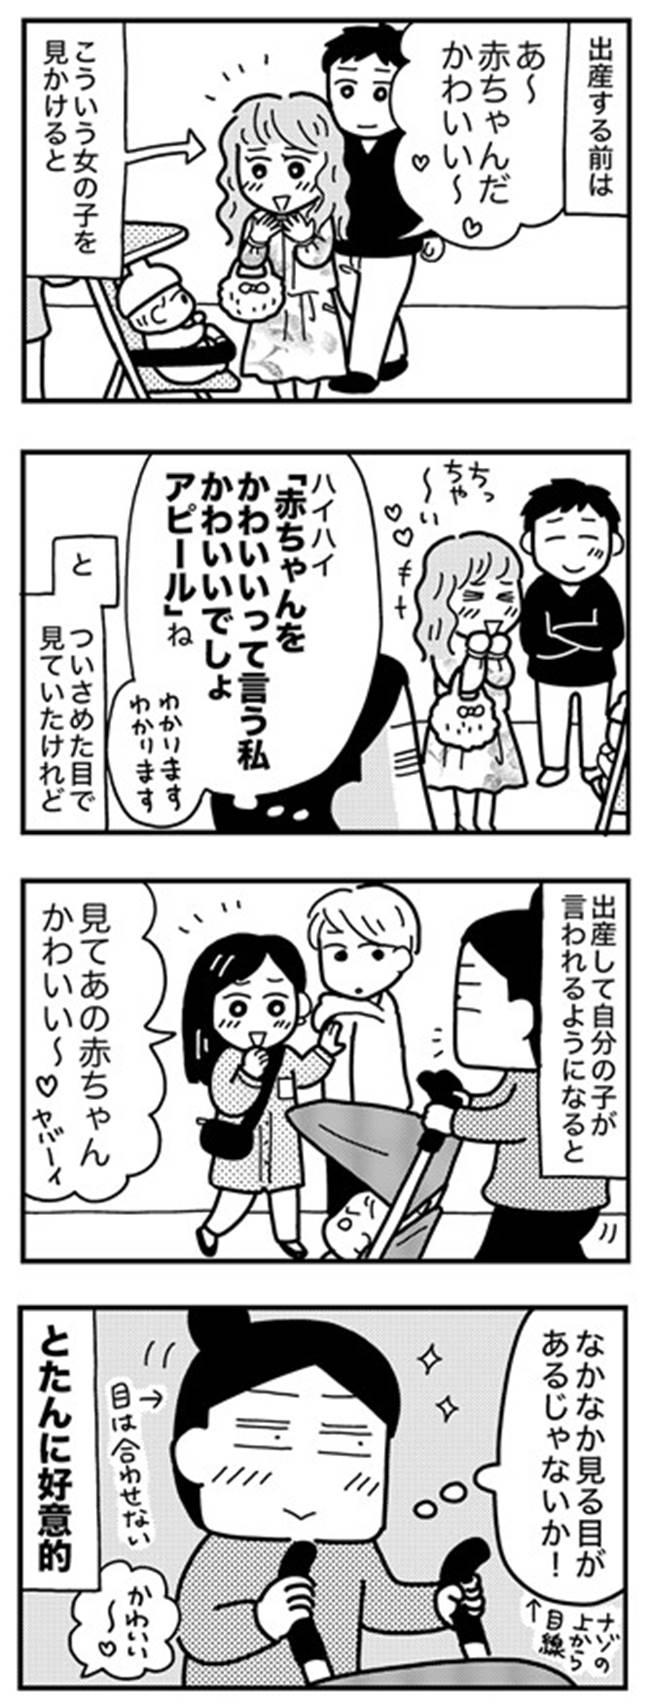 和田さん118話